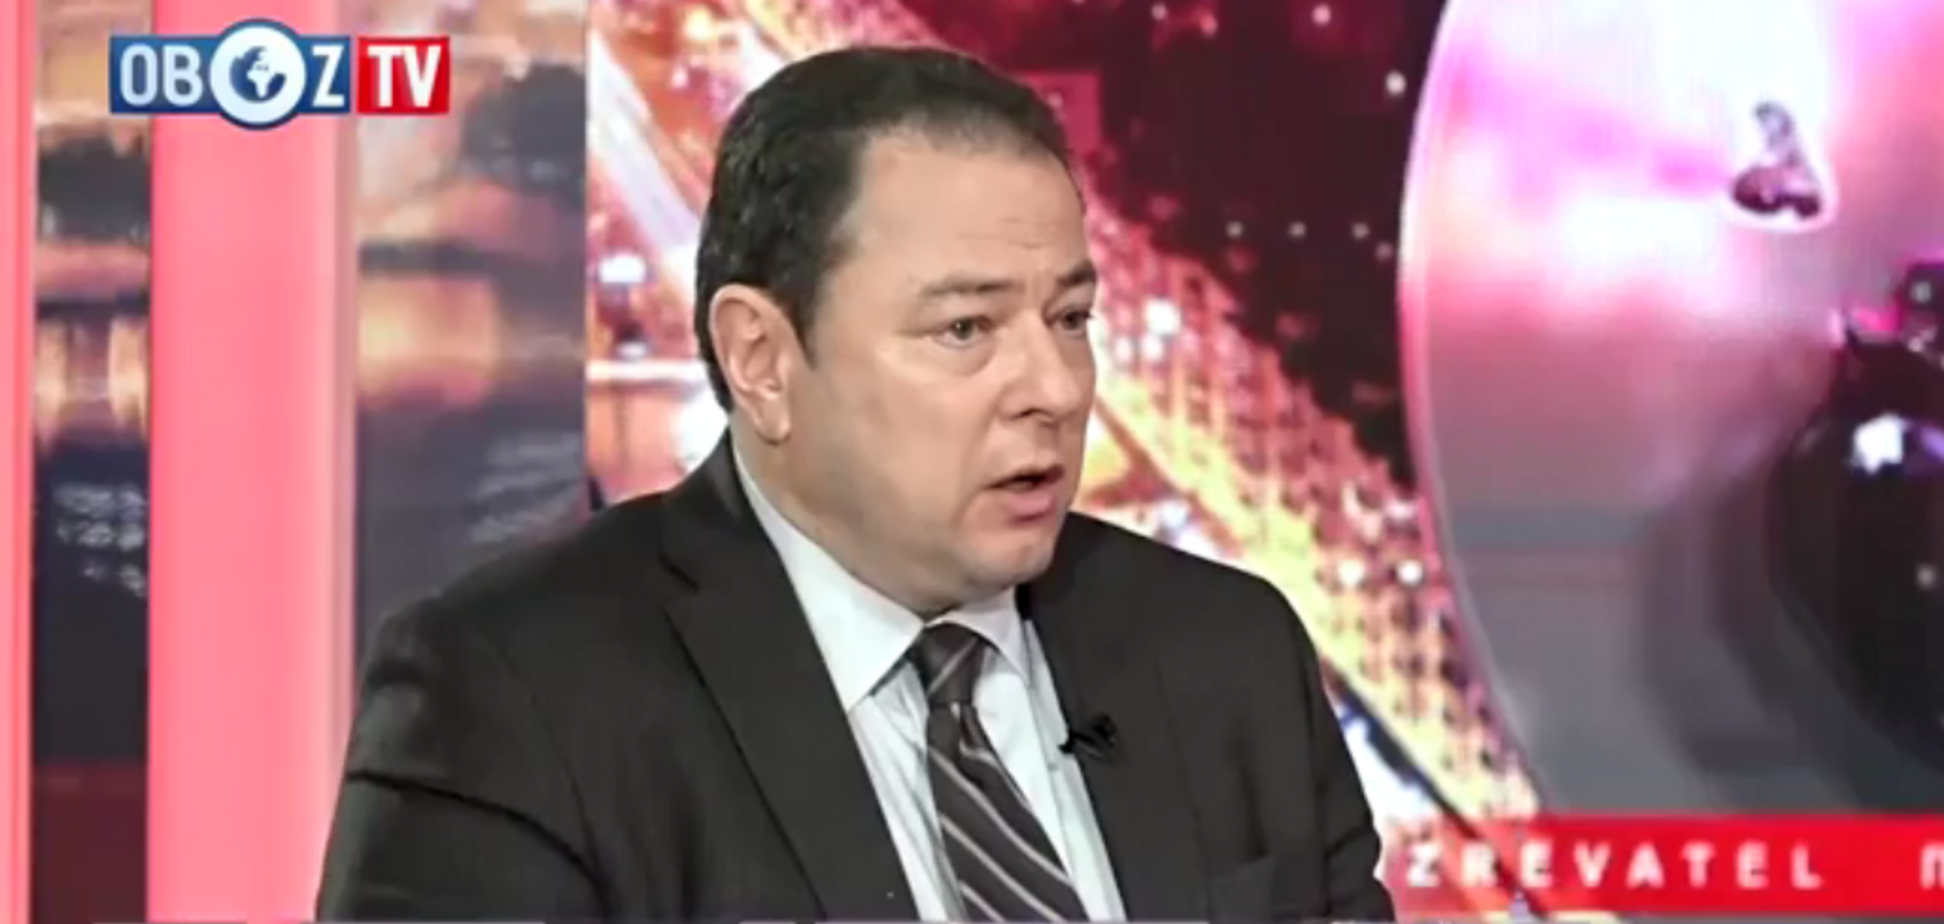 Обмін послами з Росією: український дипломат відповів Лаврову